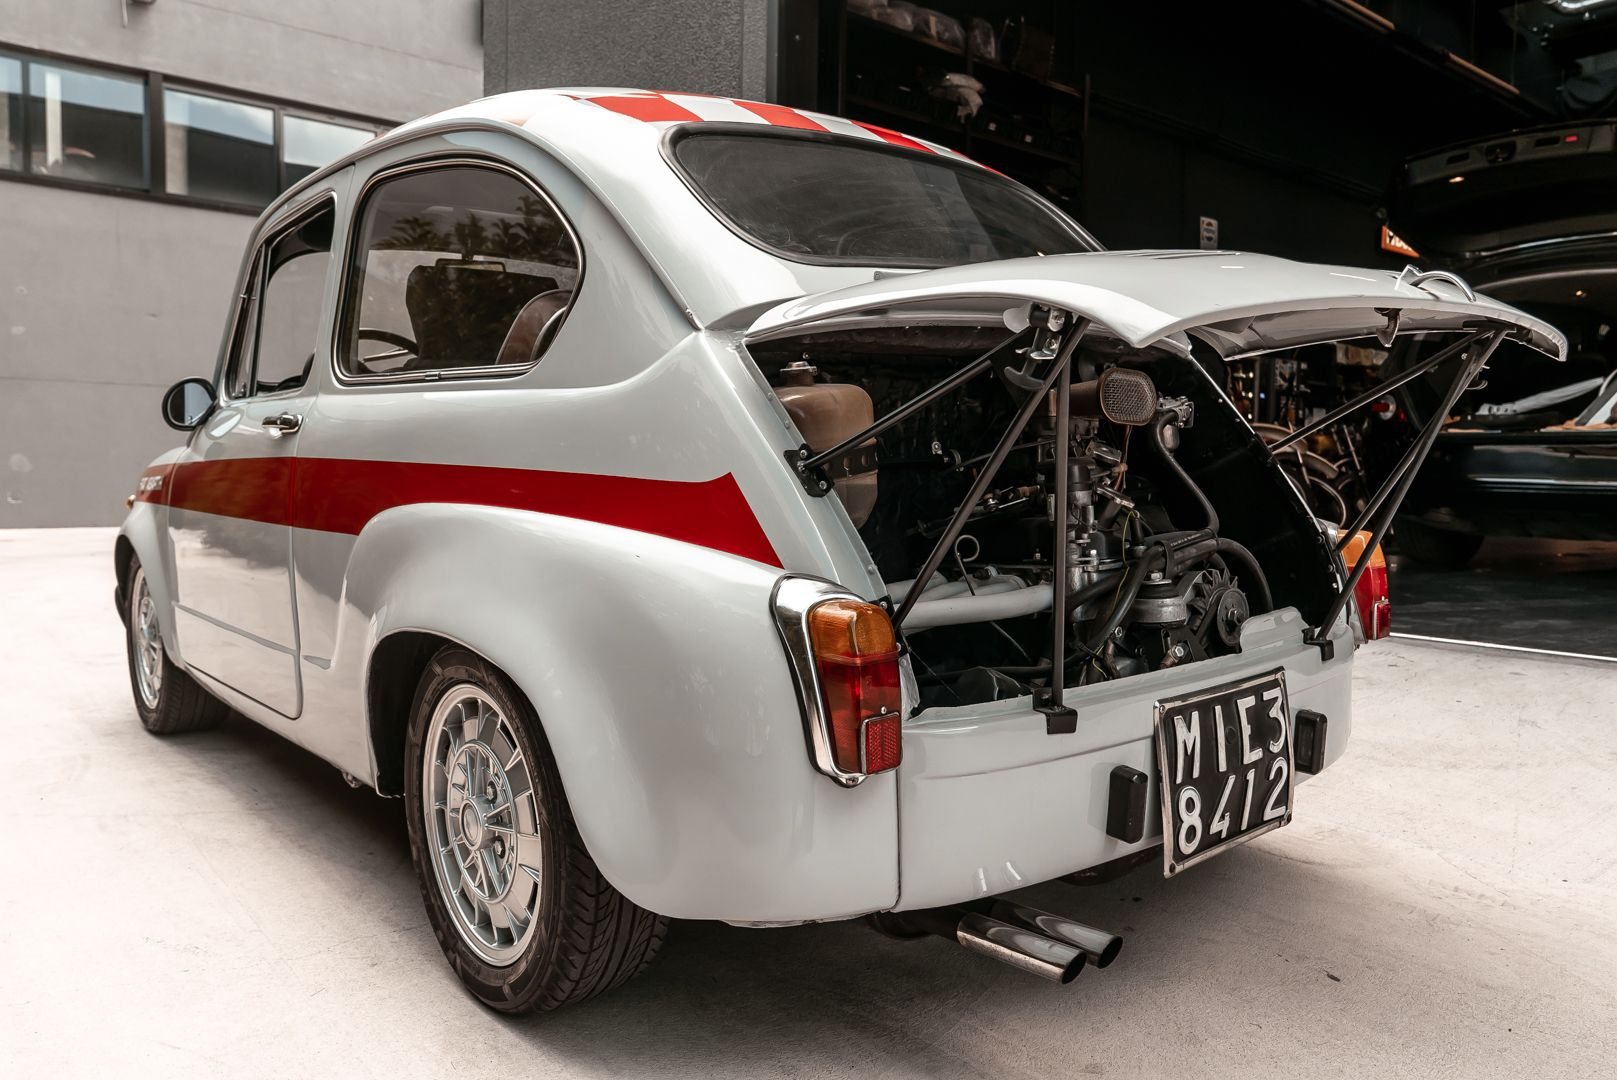 1967 Fiat 600 D Abarth Replica 80461